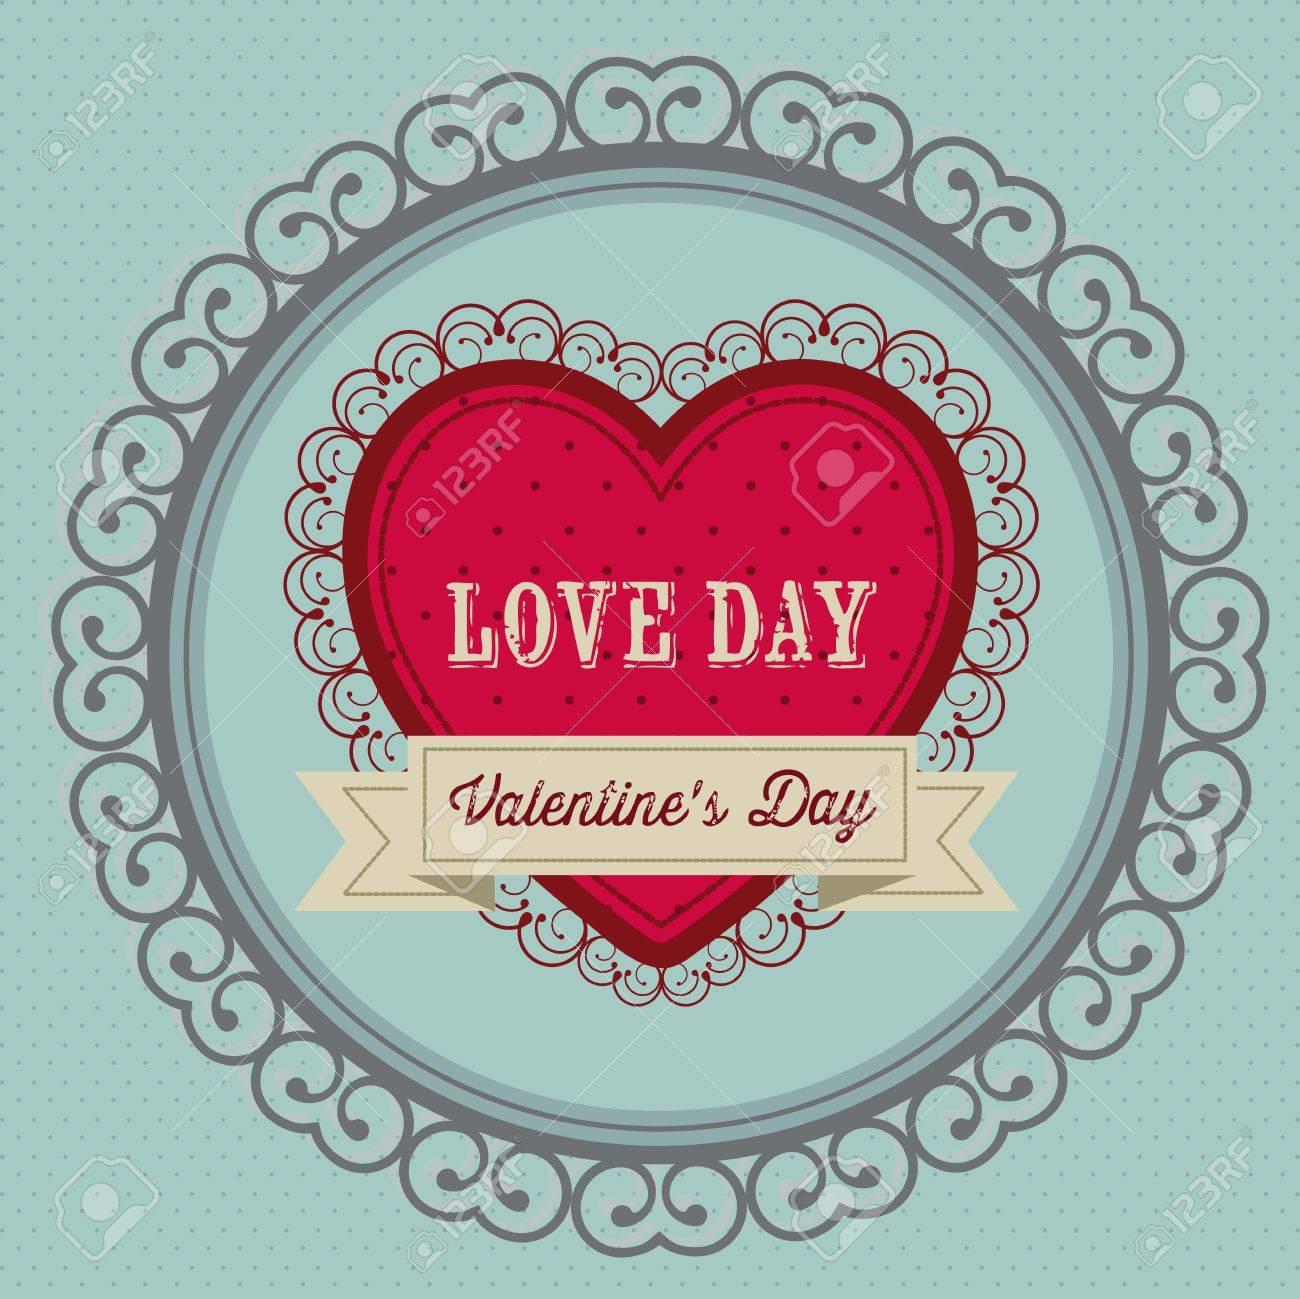 Poster Illustration Der Valentinstag, Der Tag Der Liebe Und Freundschaft,  Vektor Illustration Standard